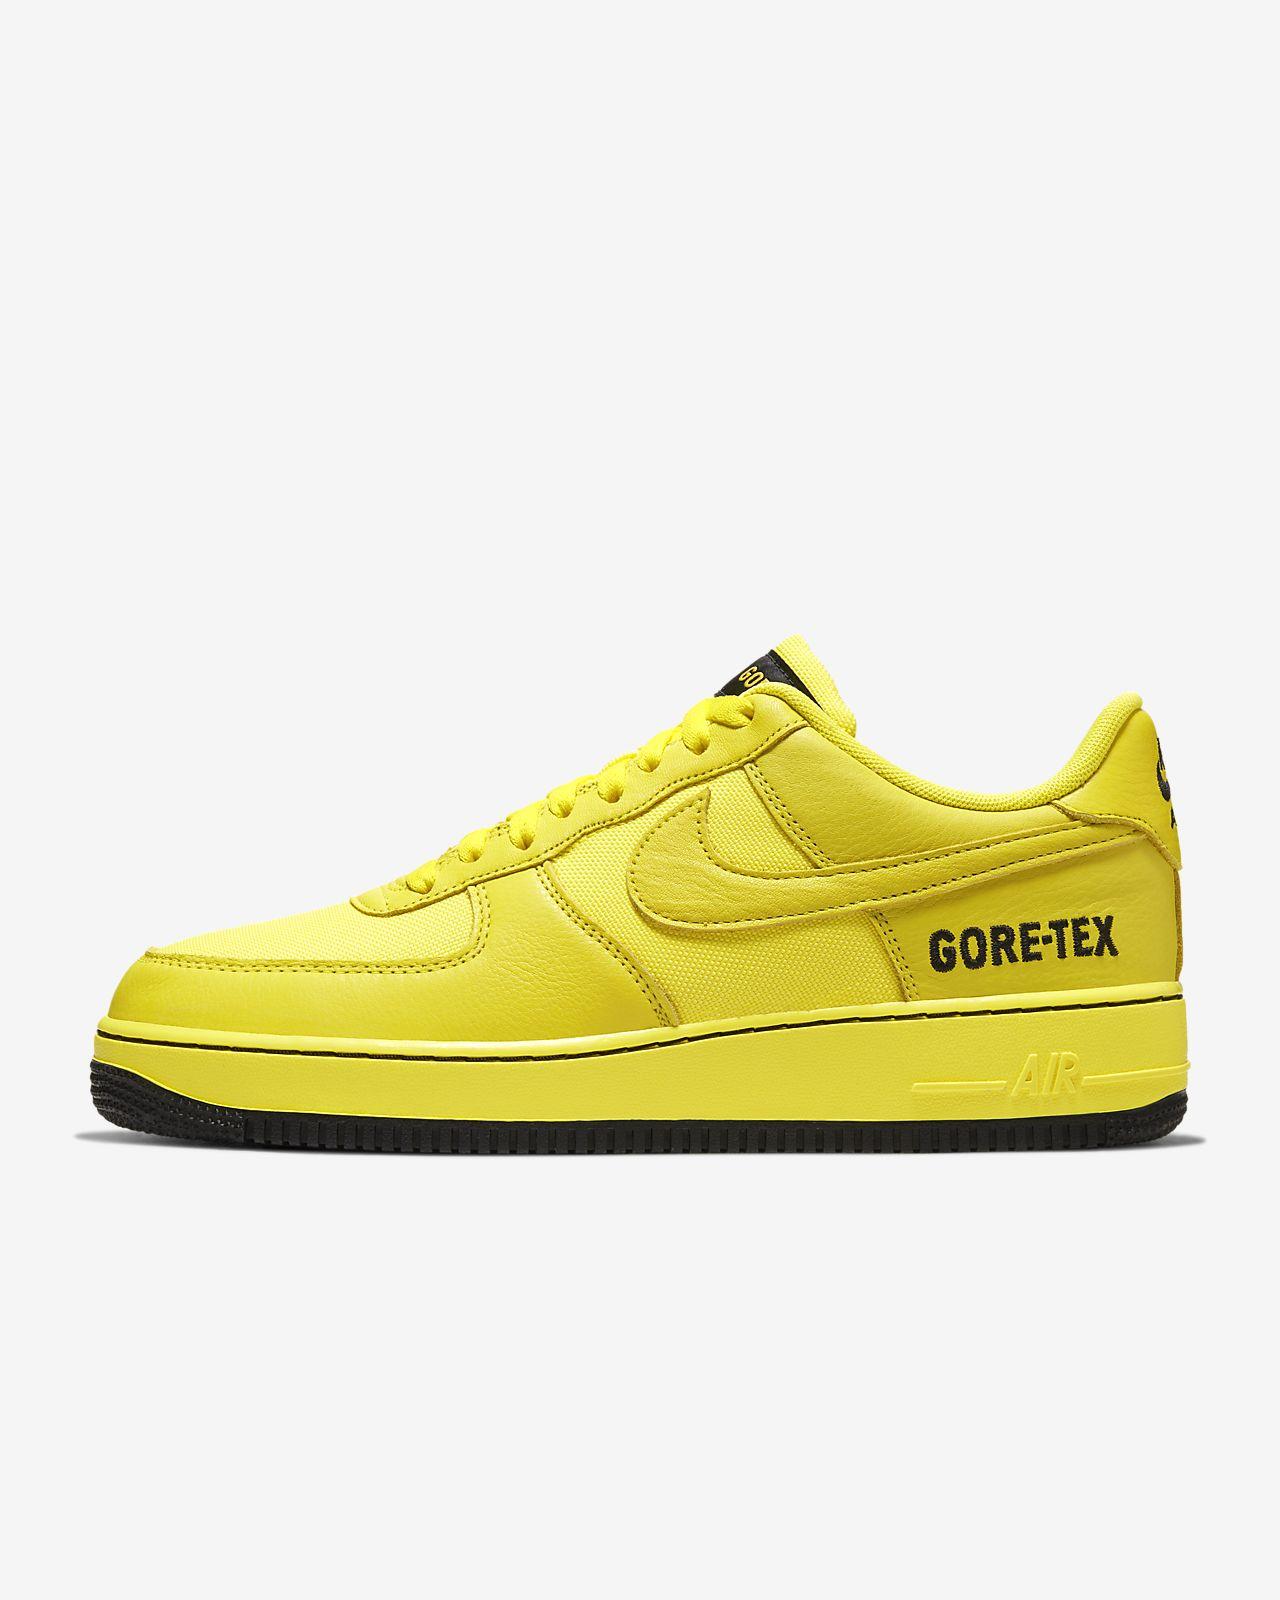 elegante y elegante la mejor moda la compra auténtico Nike Air Force 1 GORE-TEX ® Shoe. Nike IL